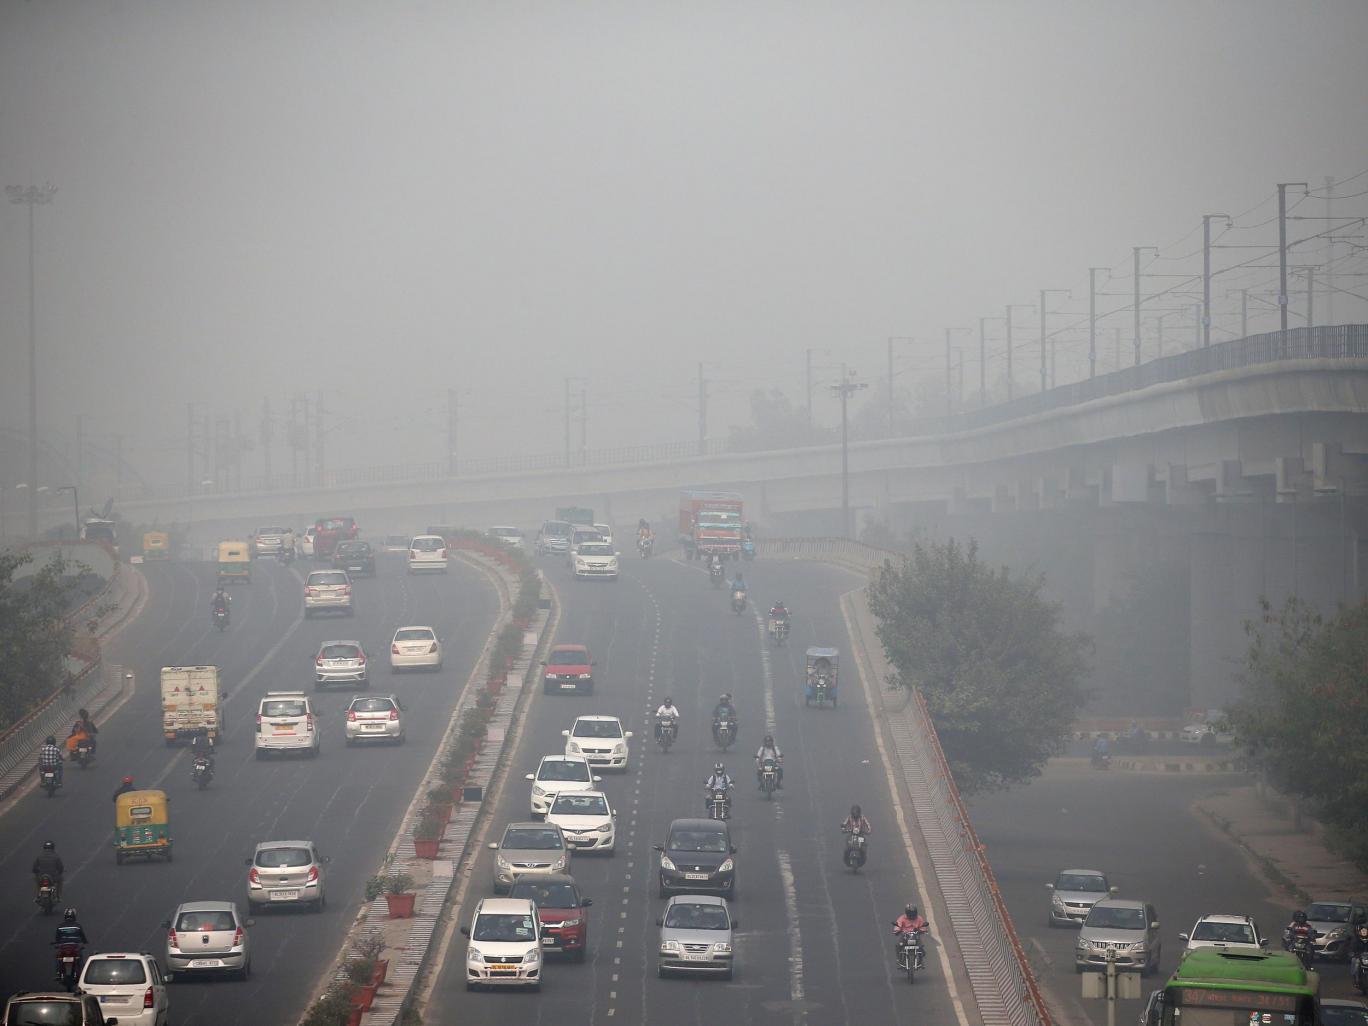 基础设施薄弱 印度想在2030取消烧油车,这靠谱吗?